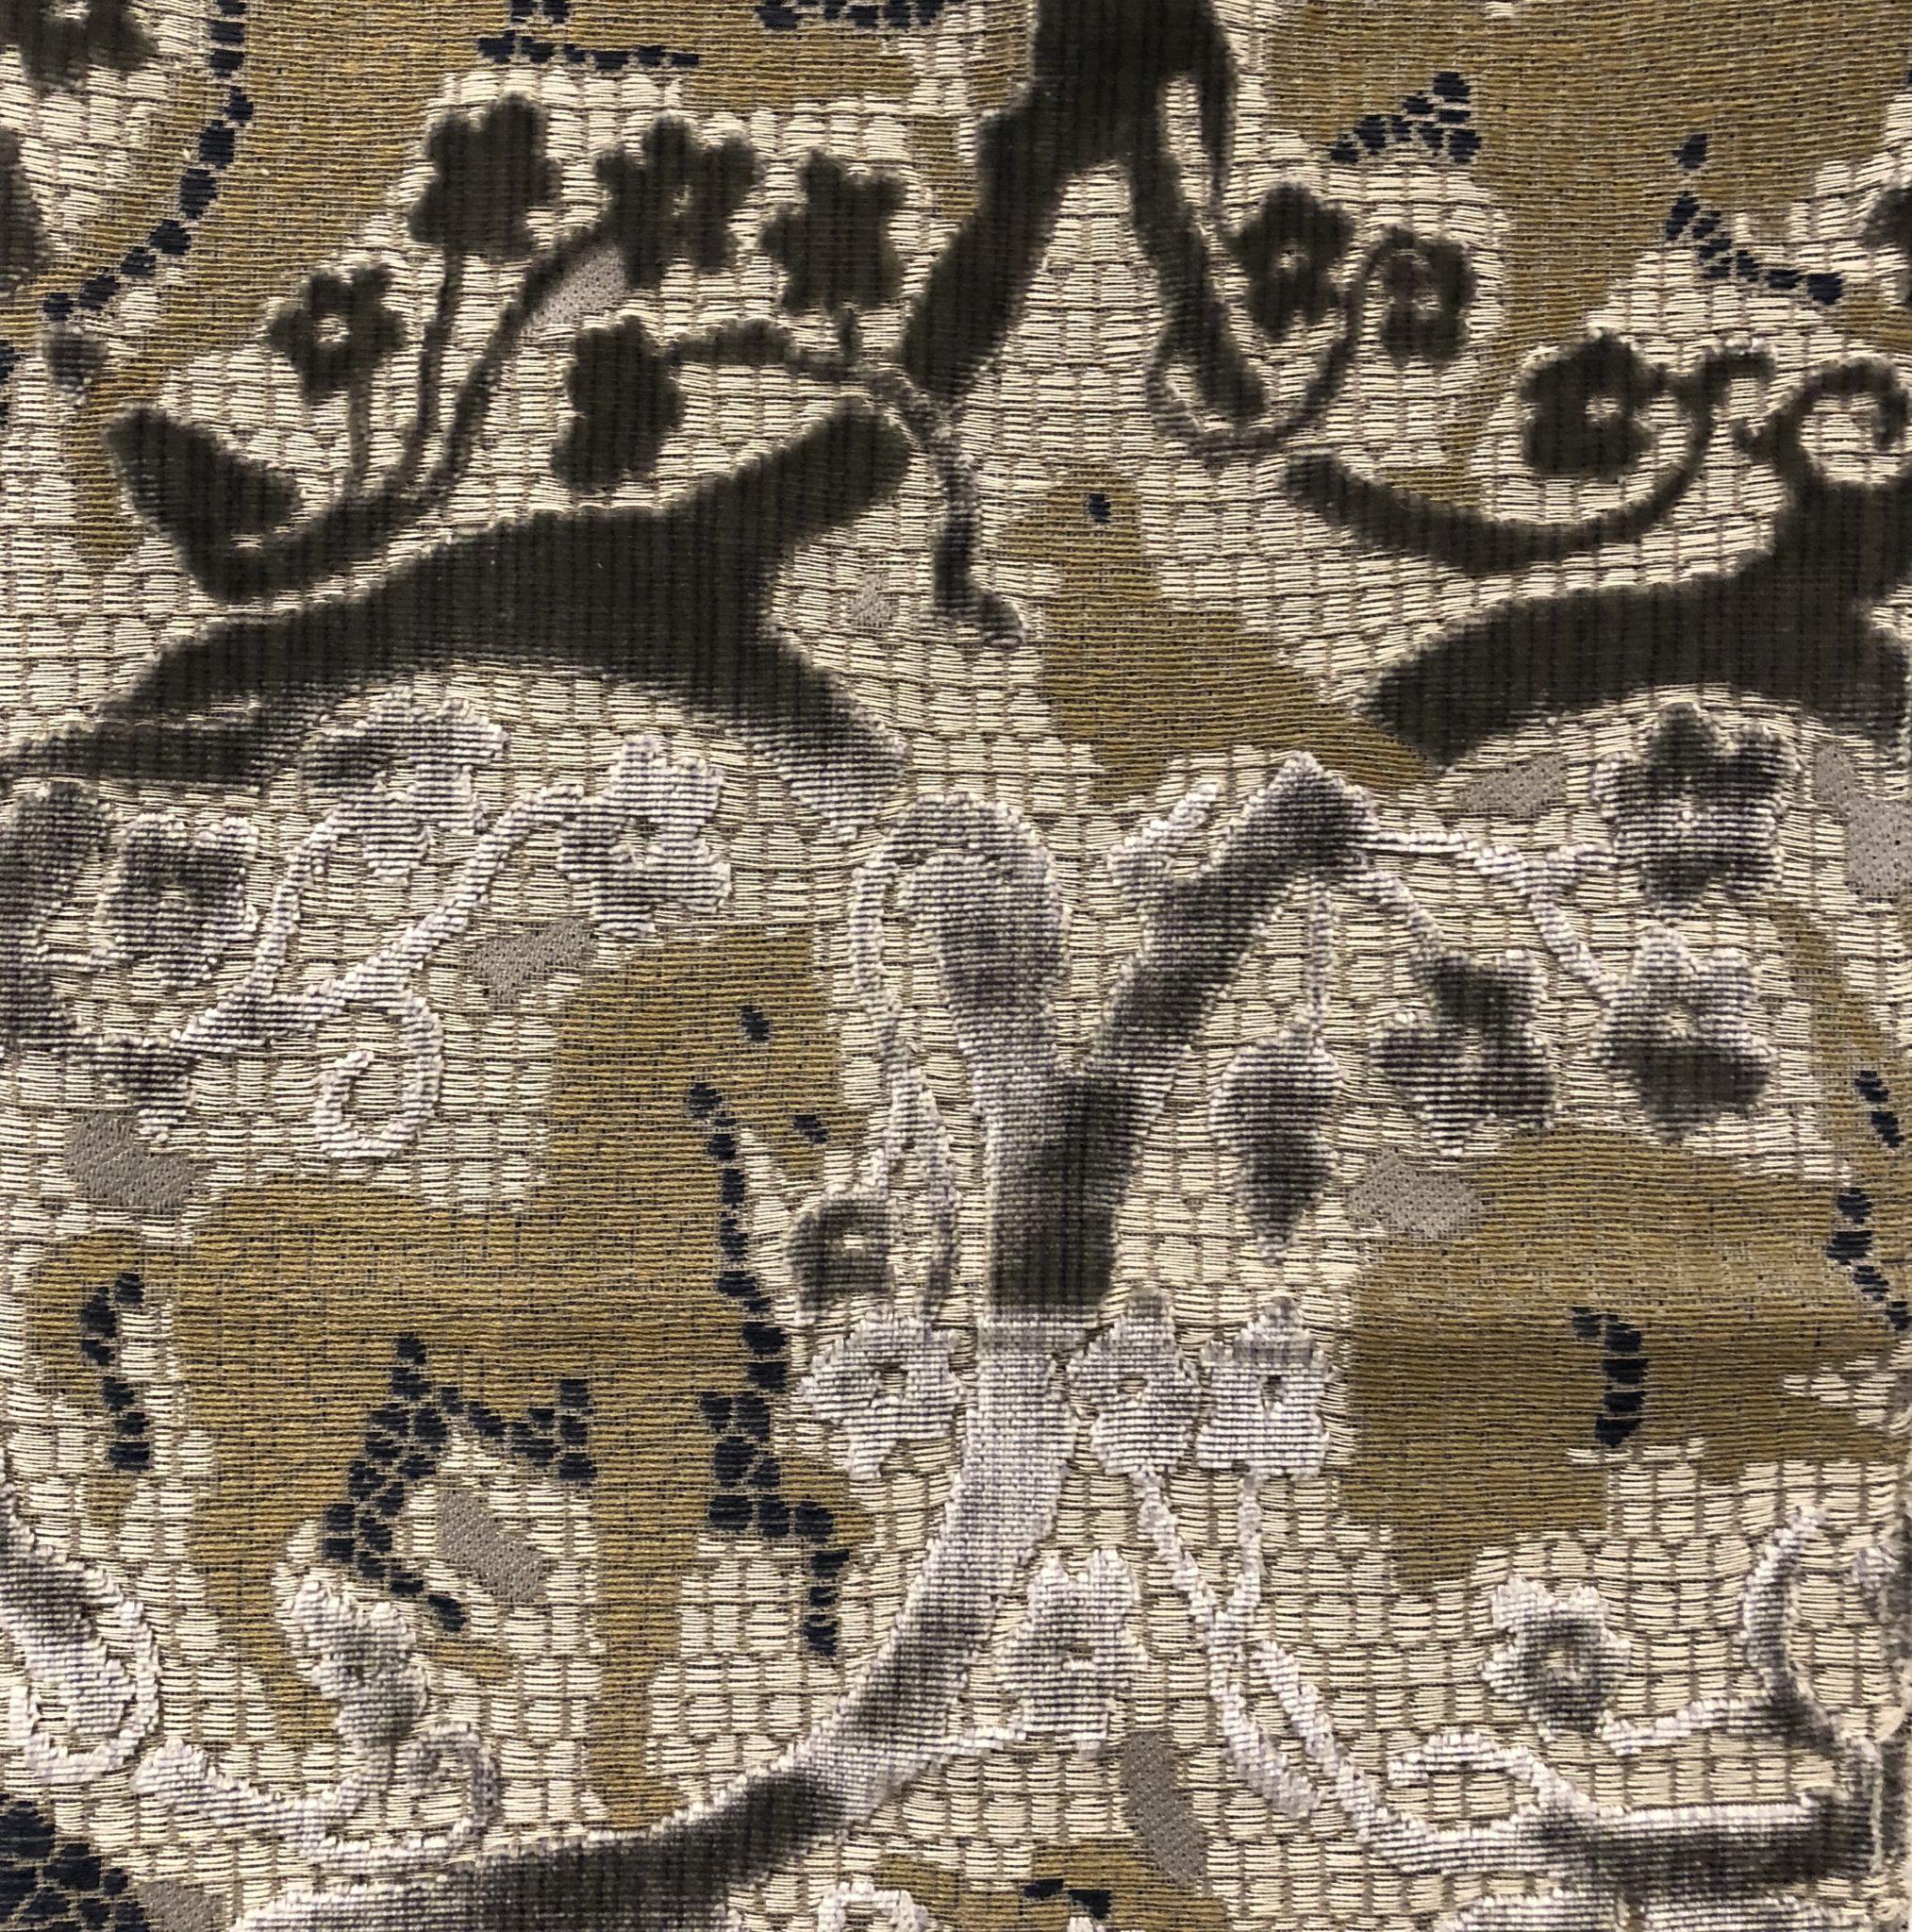 Detail of 'Mosaico' (401/3587) Multicolore Azzuro, Luigi Beuilacqua at Alton Brooke